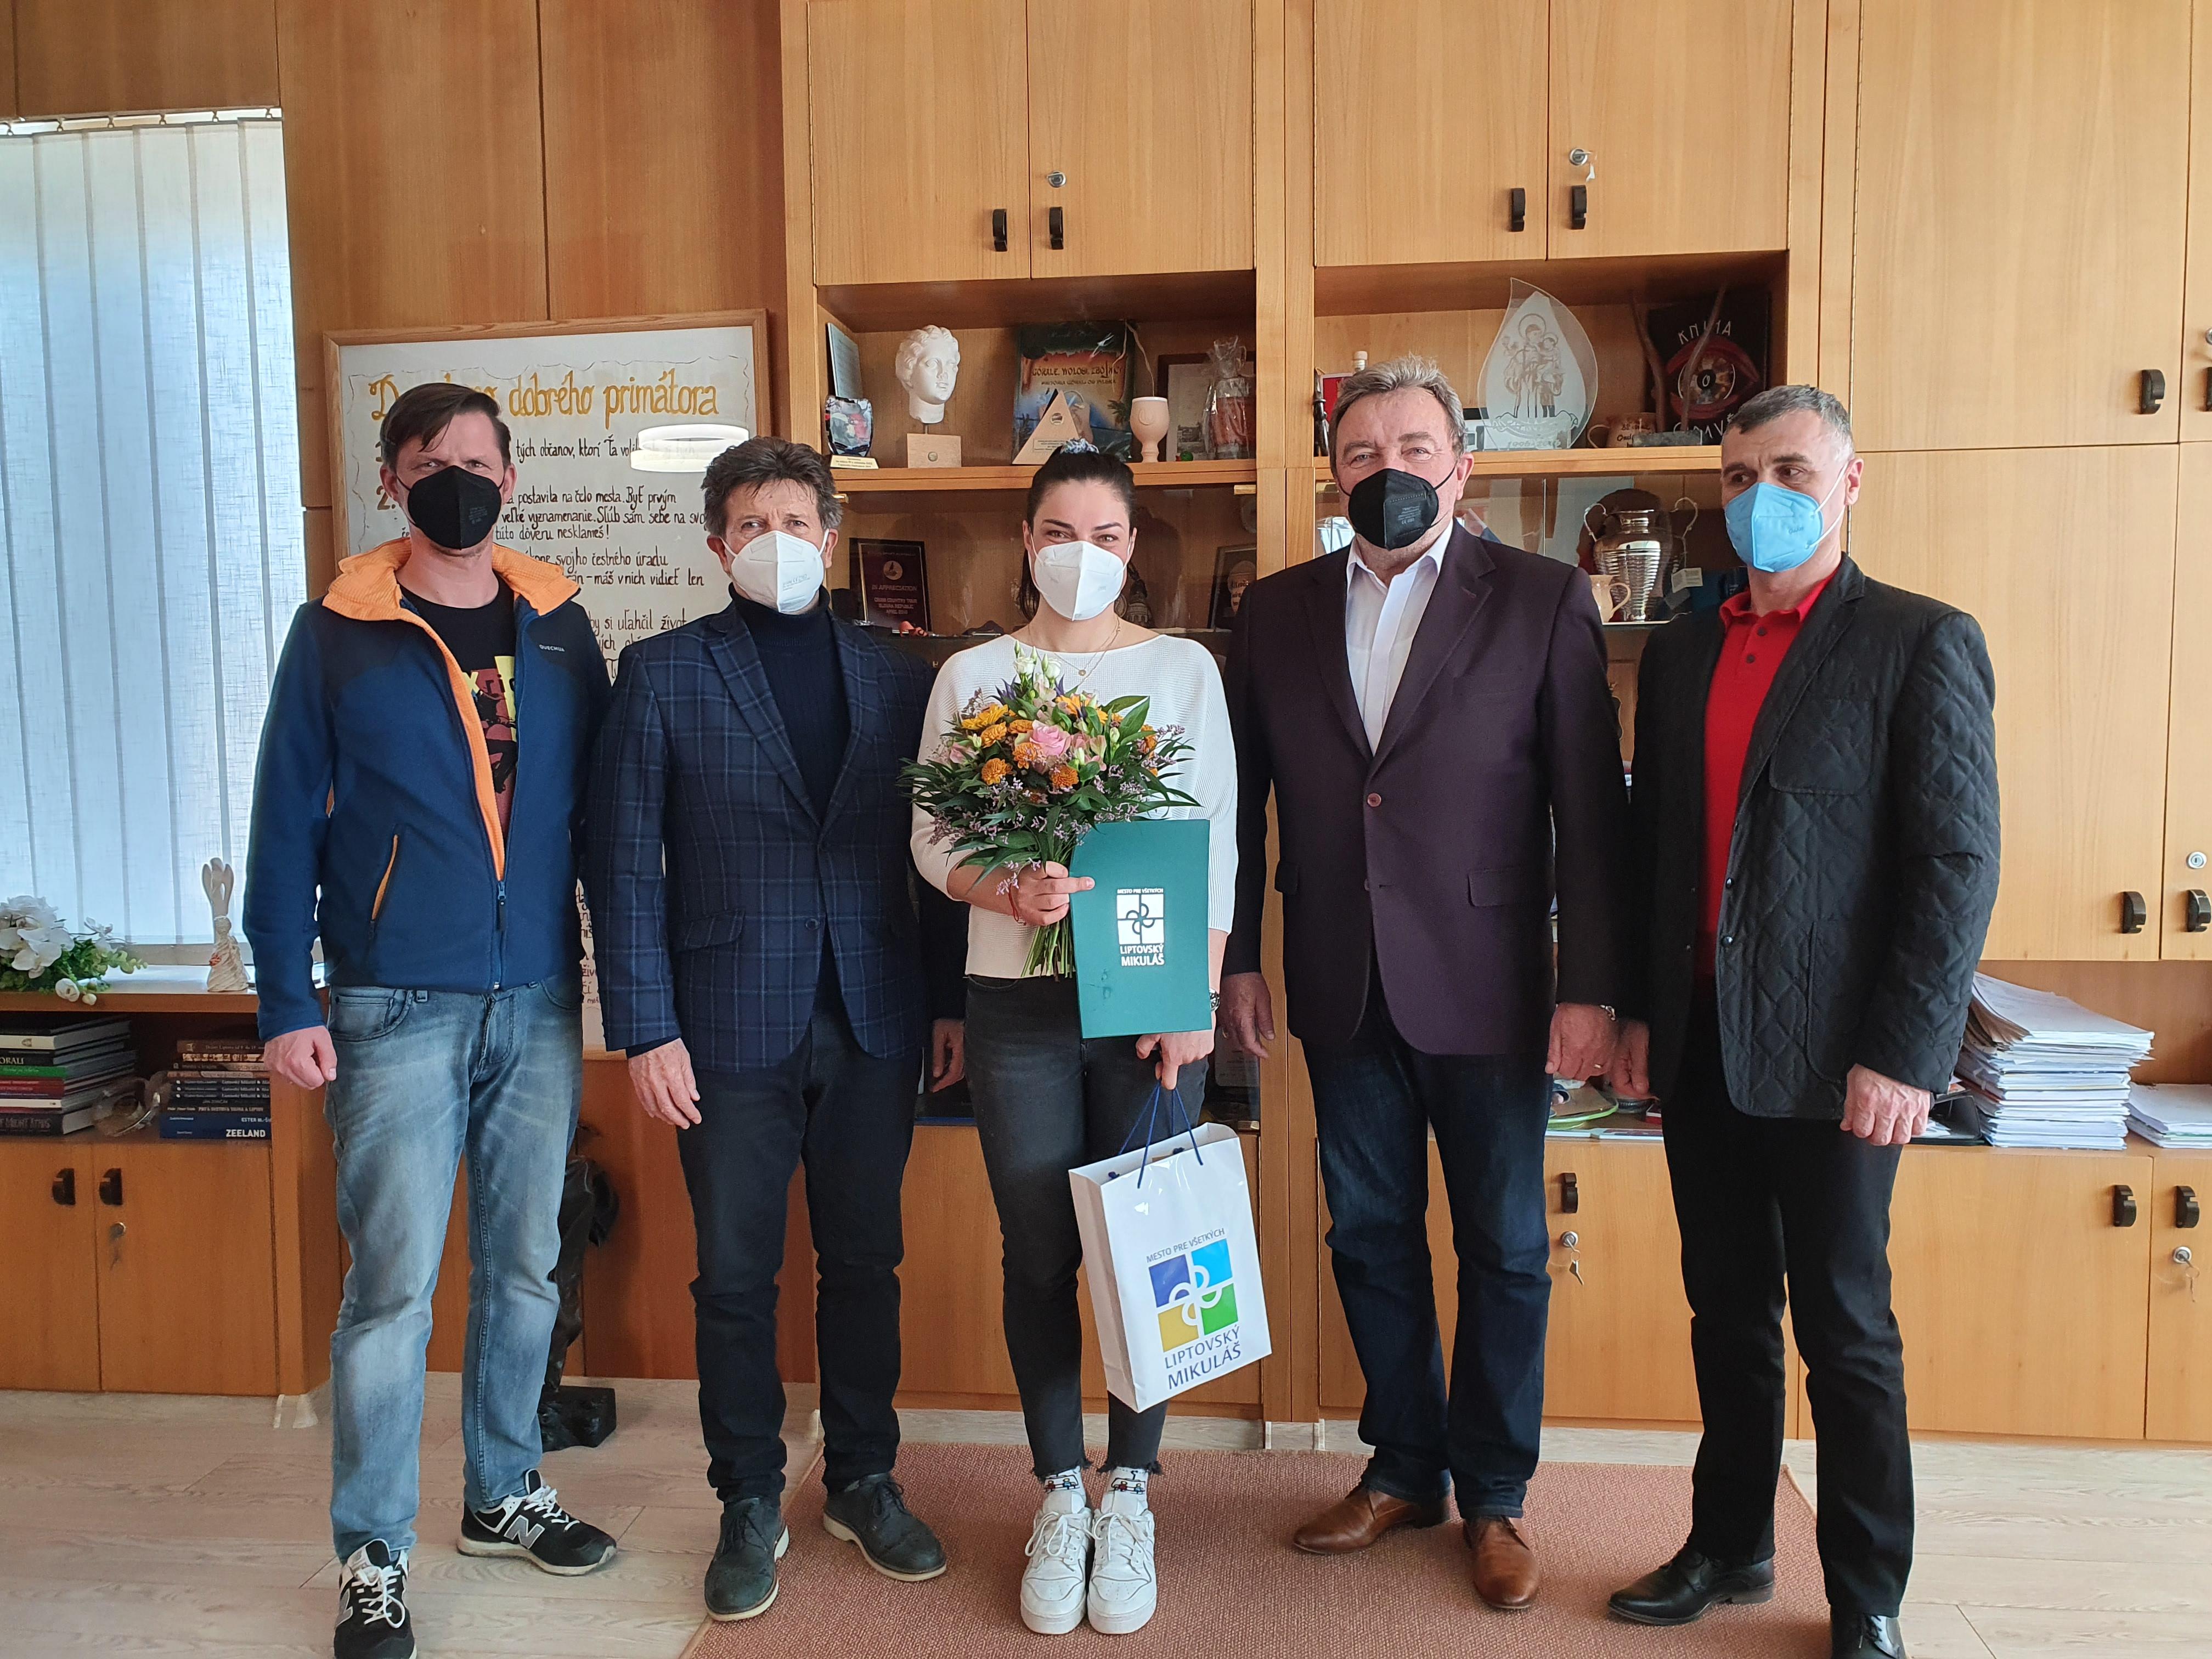 Privítali sme úspešnú lyžiarku Martinu Dubovskú